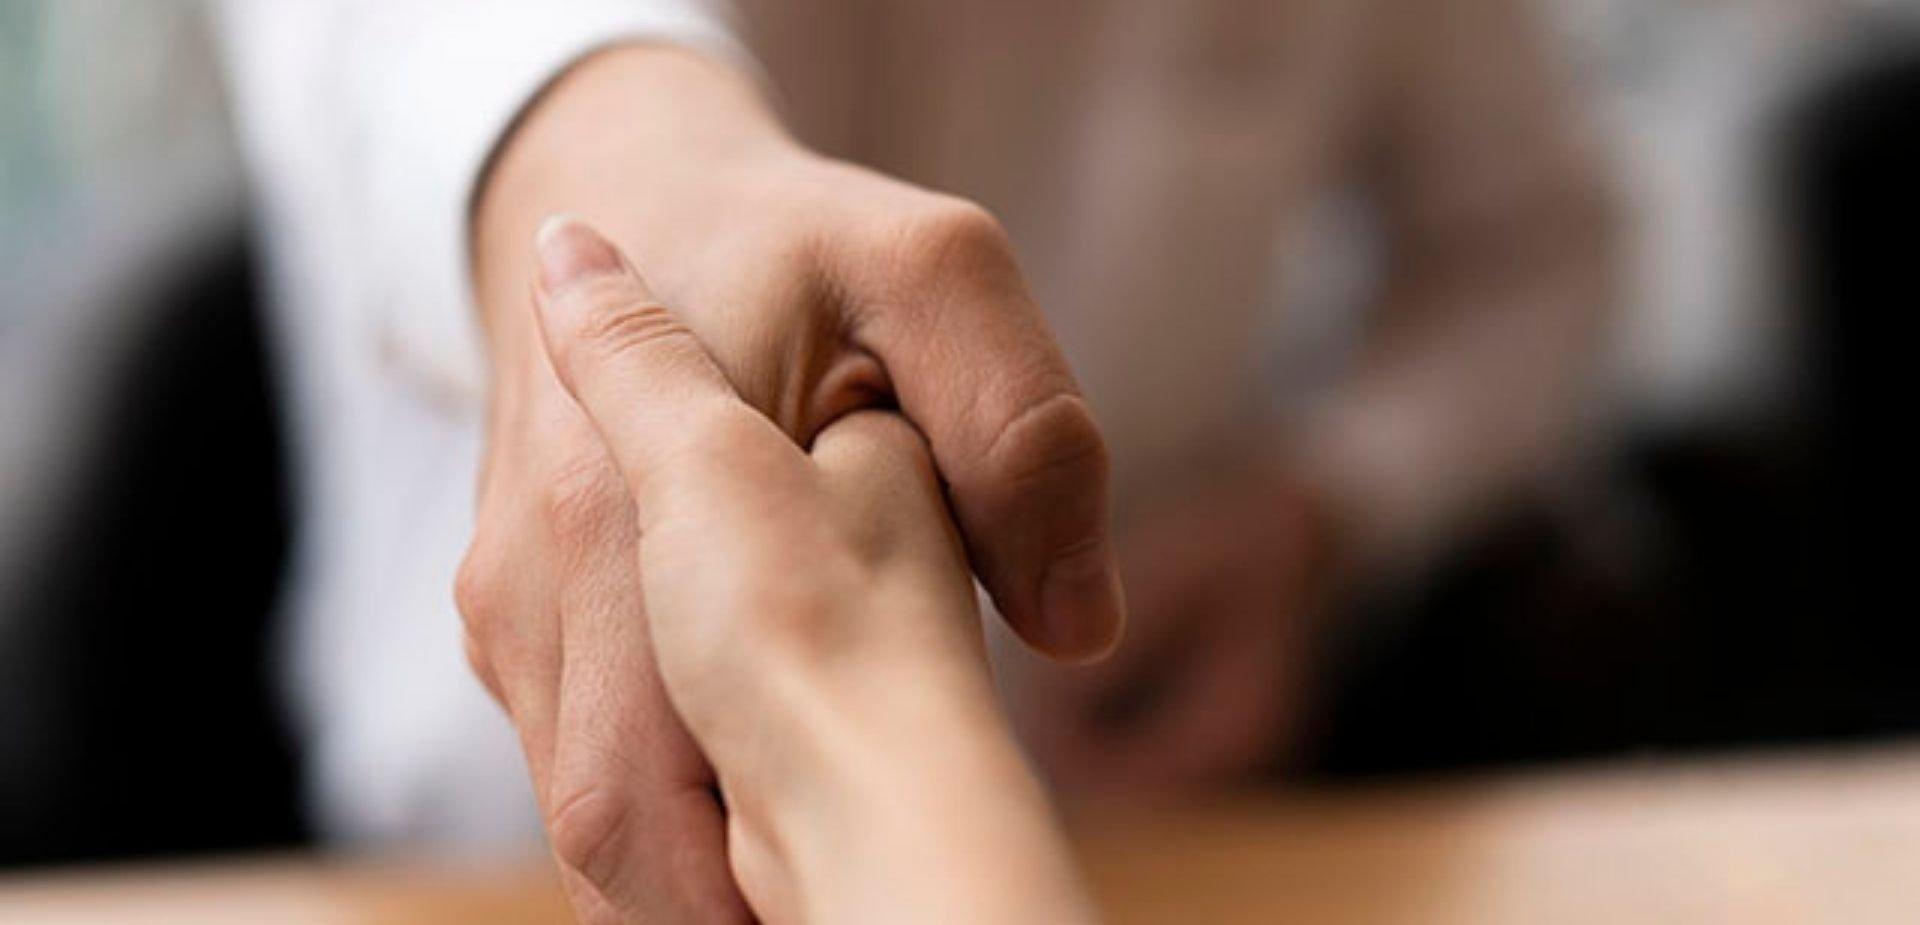 Oferta de emprego   Enfermeiro (Grupo Hotéis Cristal - Leiria)